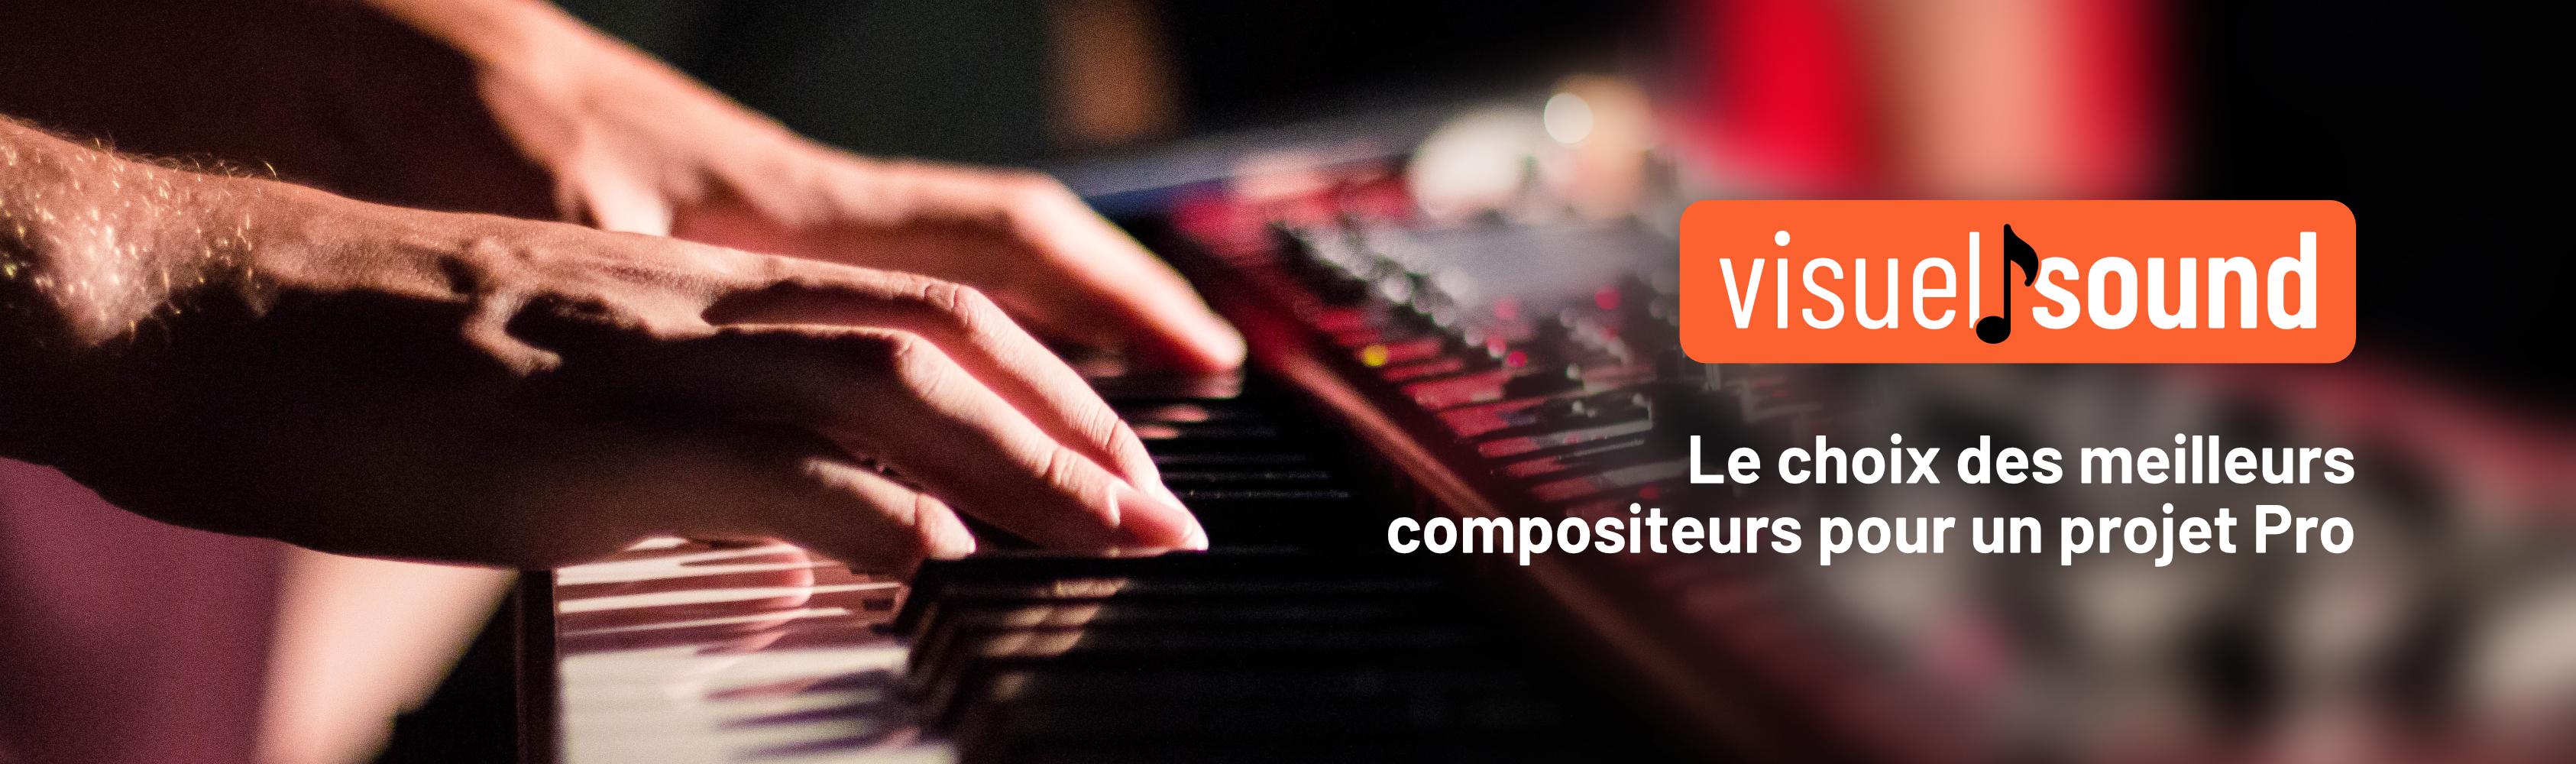 Third slide, Un musicien joue sur un synthesizer et un message indique le choix des meilleurs compositeurs pour un projet Pro